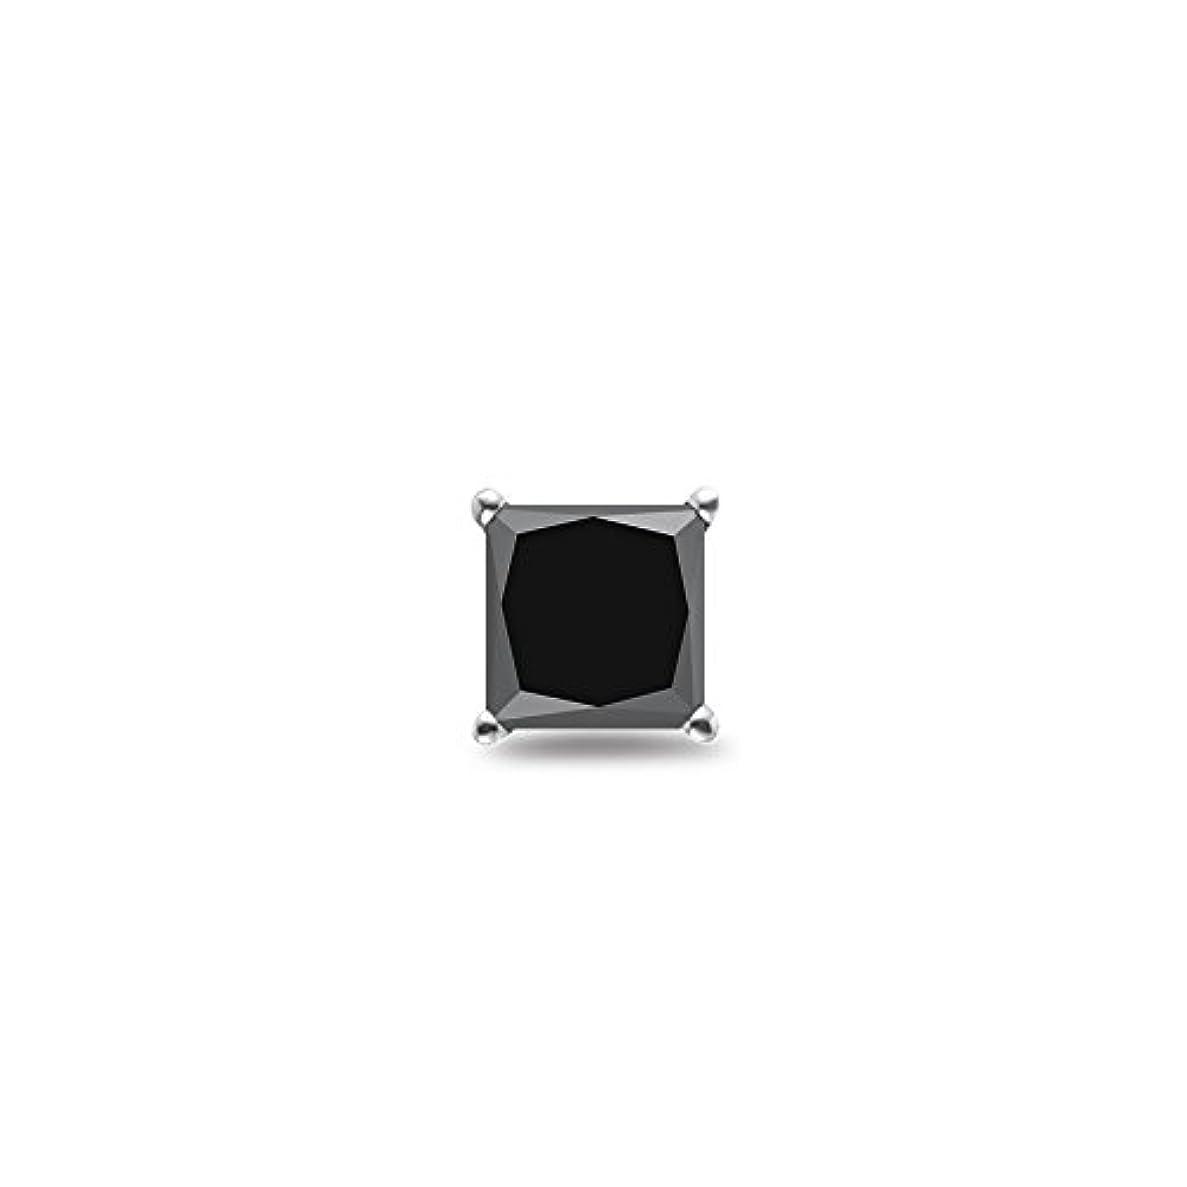 知覚できる補助金堤防1 / 4 ( 0.21 – 0.27 ) CTSの2.50 – 3.00 MM AAAプリンセスブラックダイヤモンドメンズスタッドイヤリングで14 Kホワイトgold-screw Backs